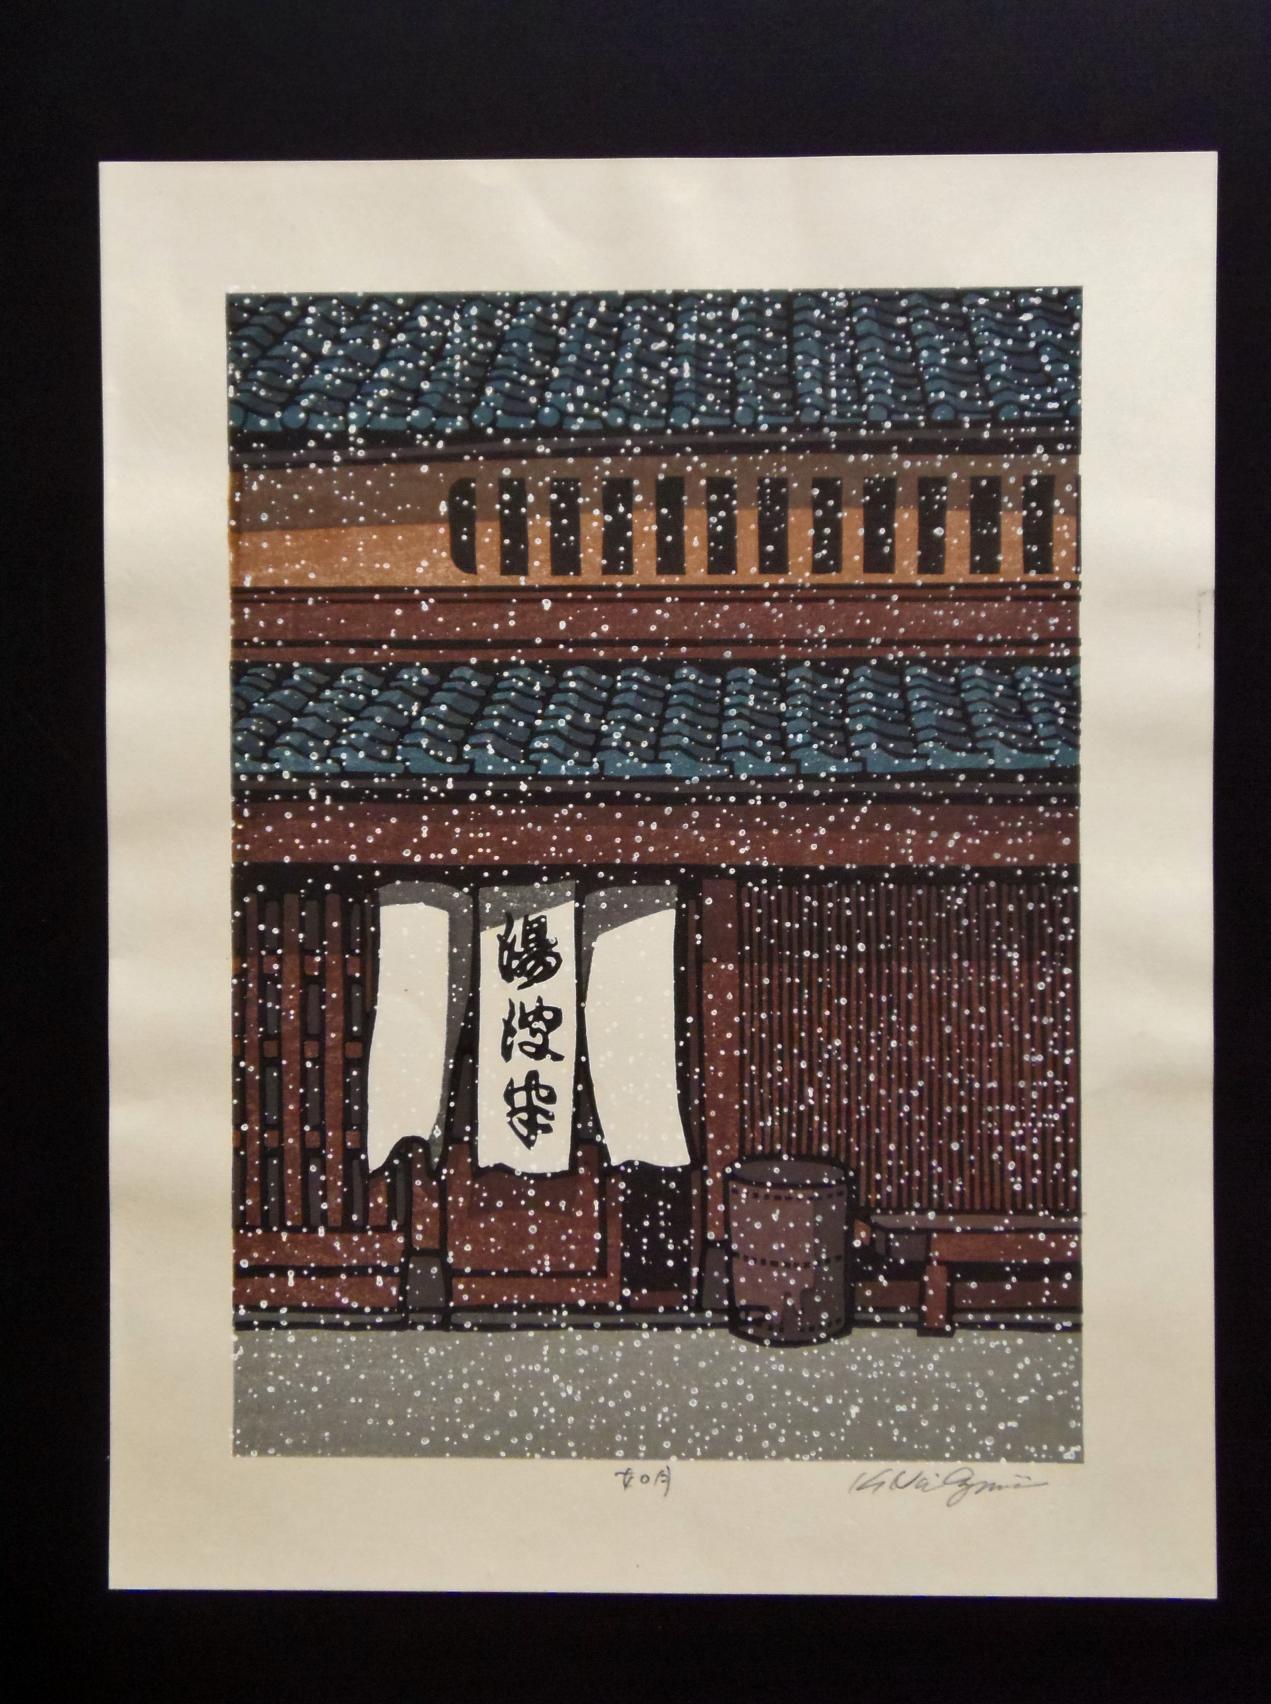 西嶋勝之 如月 木版画